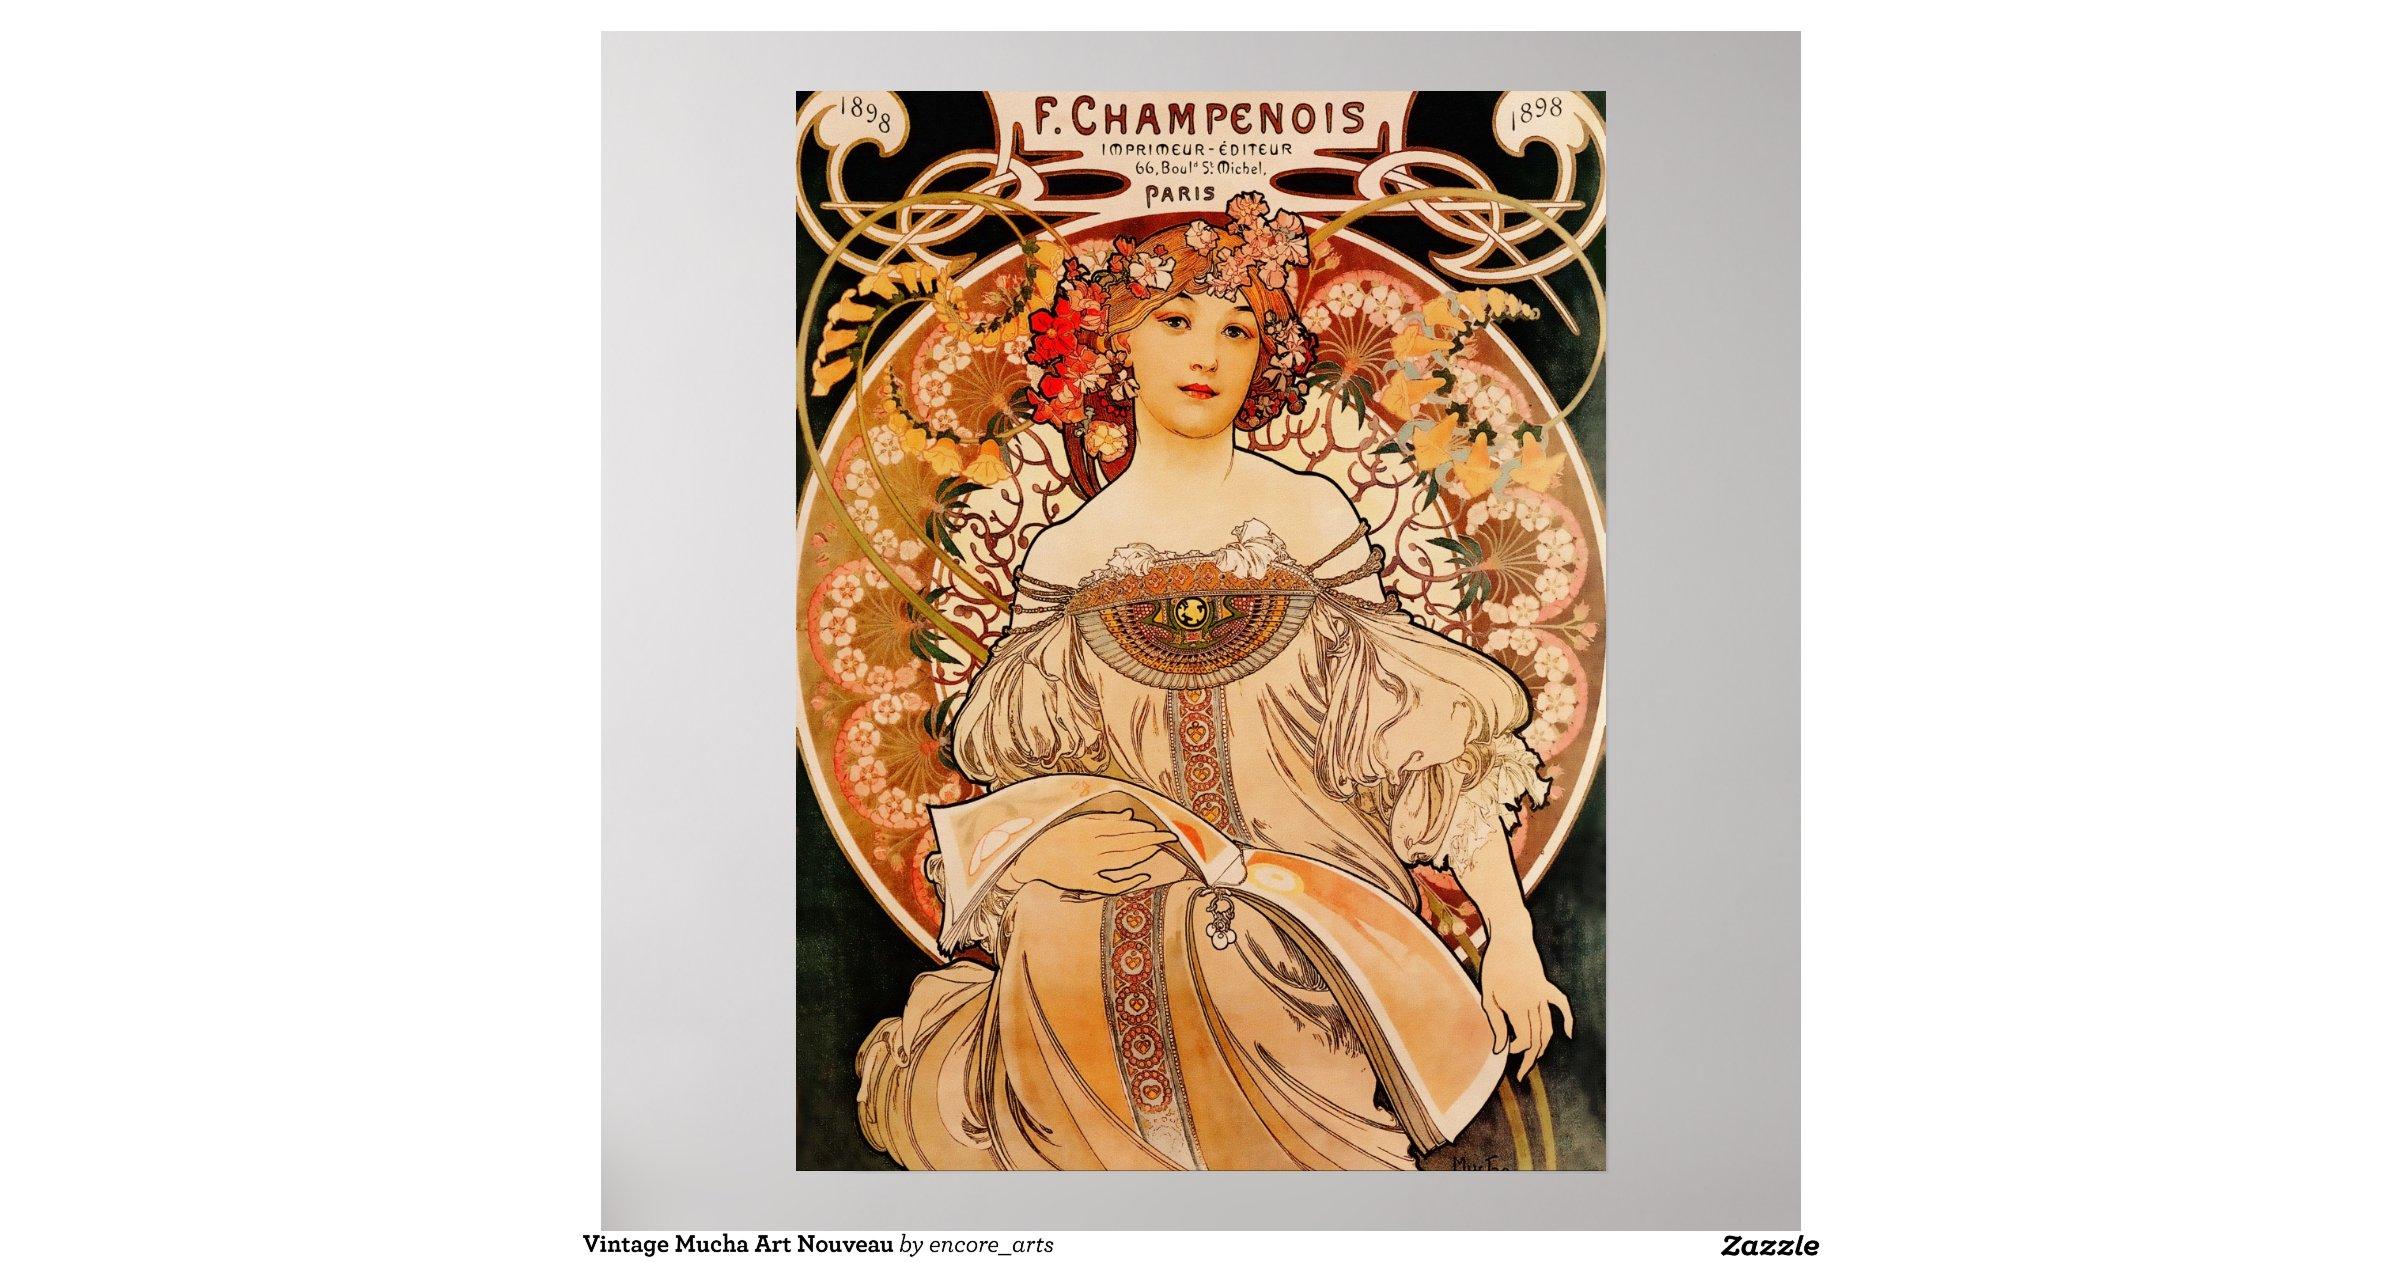 Vintage Mucha Art Nouveau Poster | Zazzle